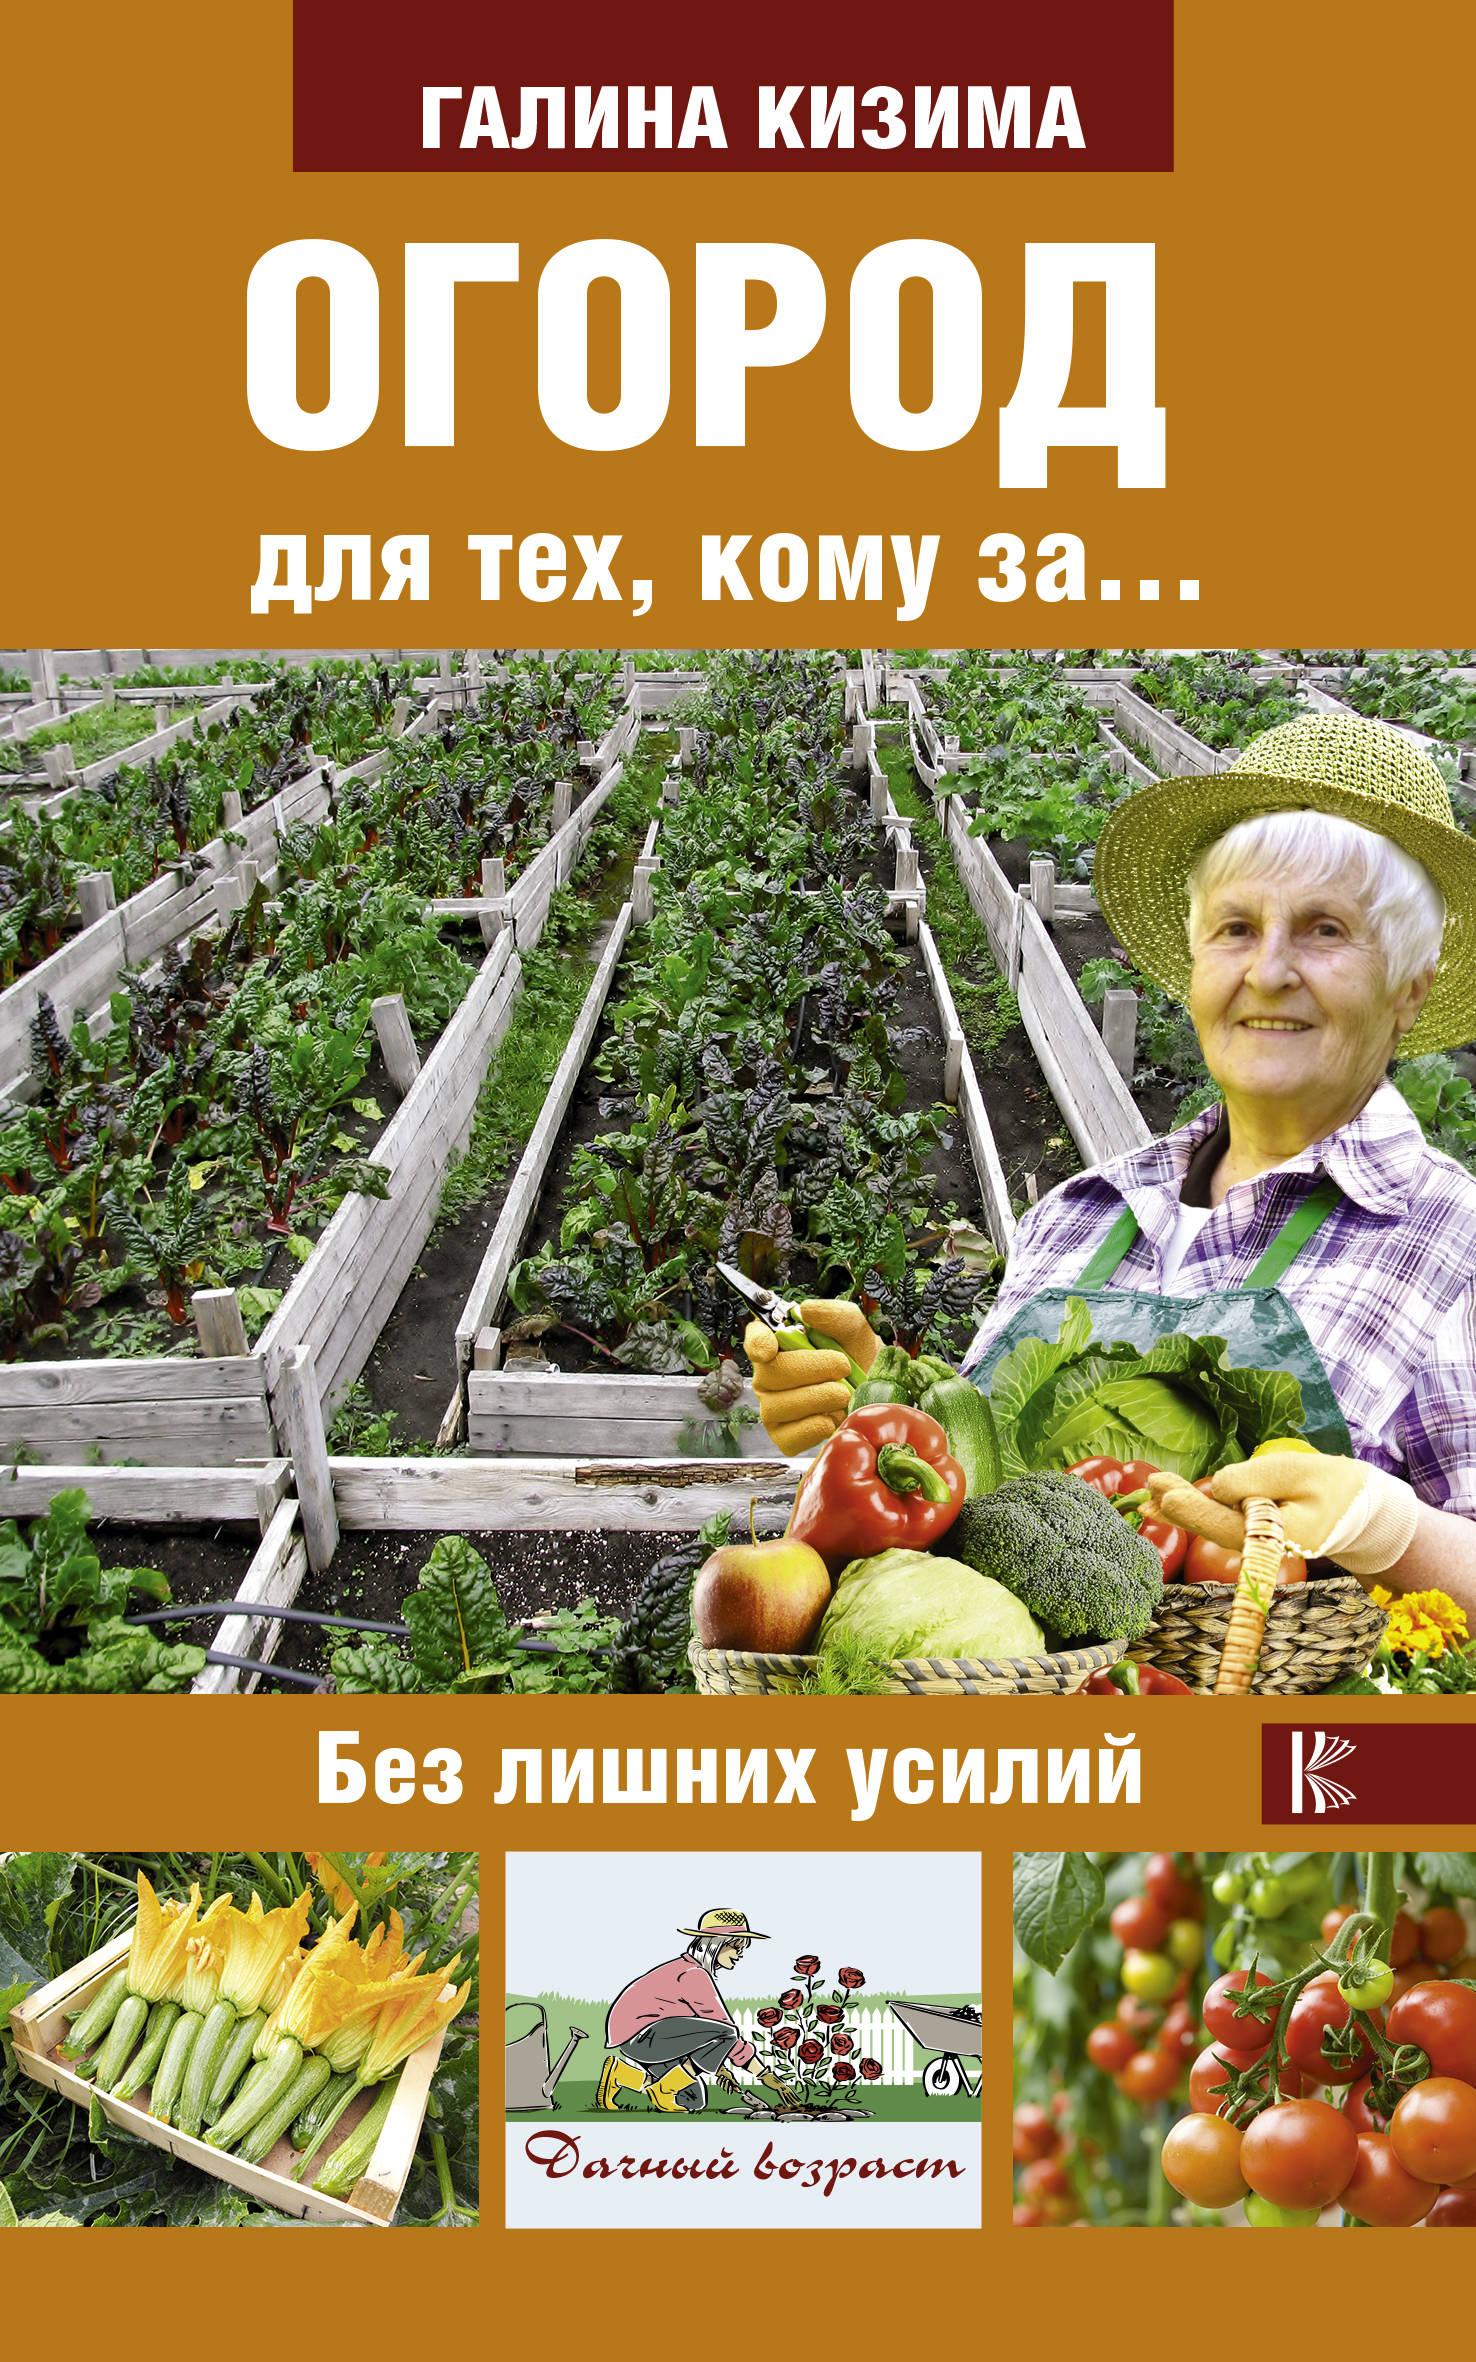 Огород для тех, кому за... без лишних усилий ( Кизима Г.А.  )